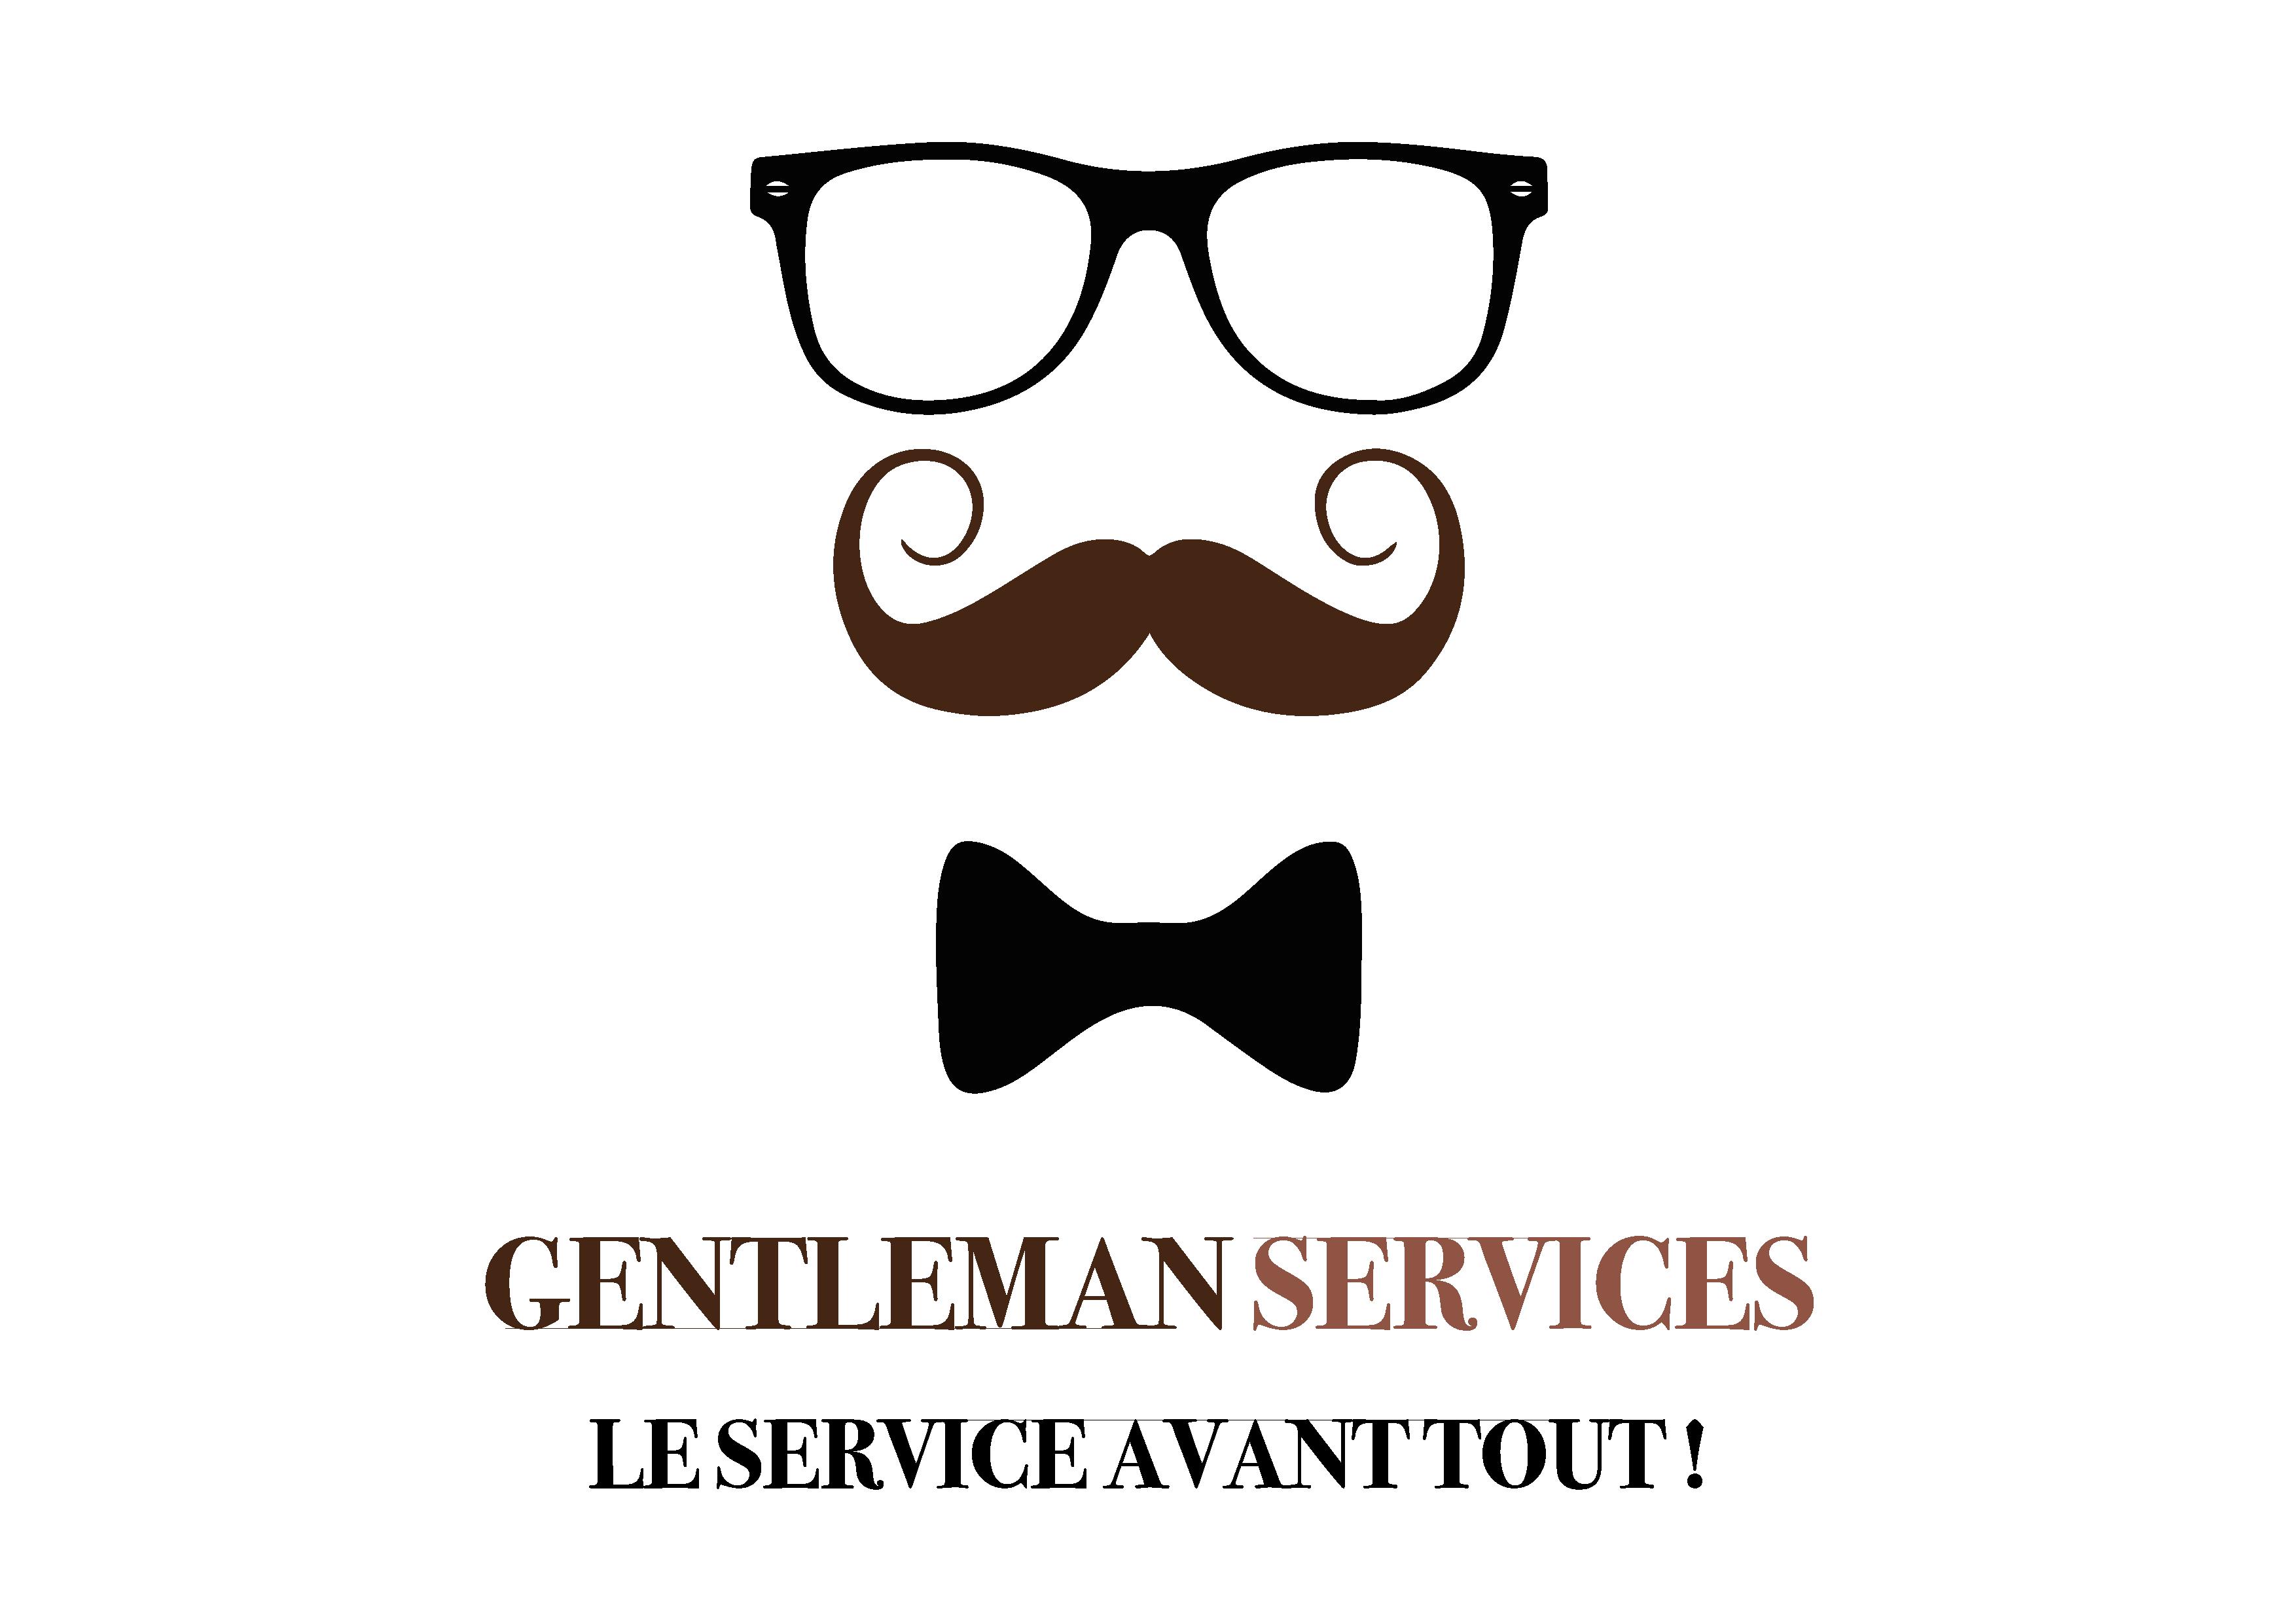 Gentleman Services